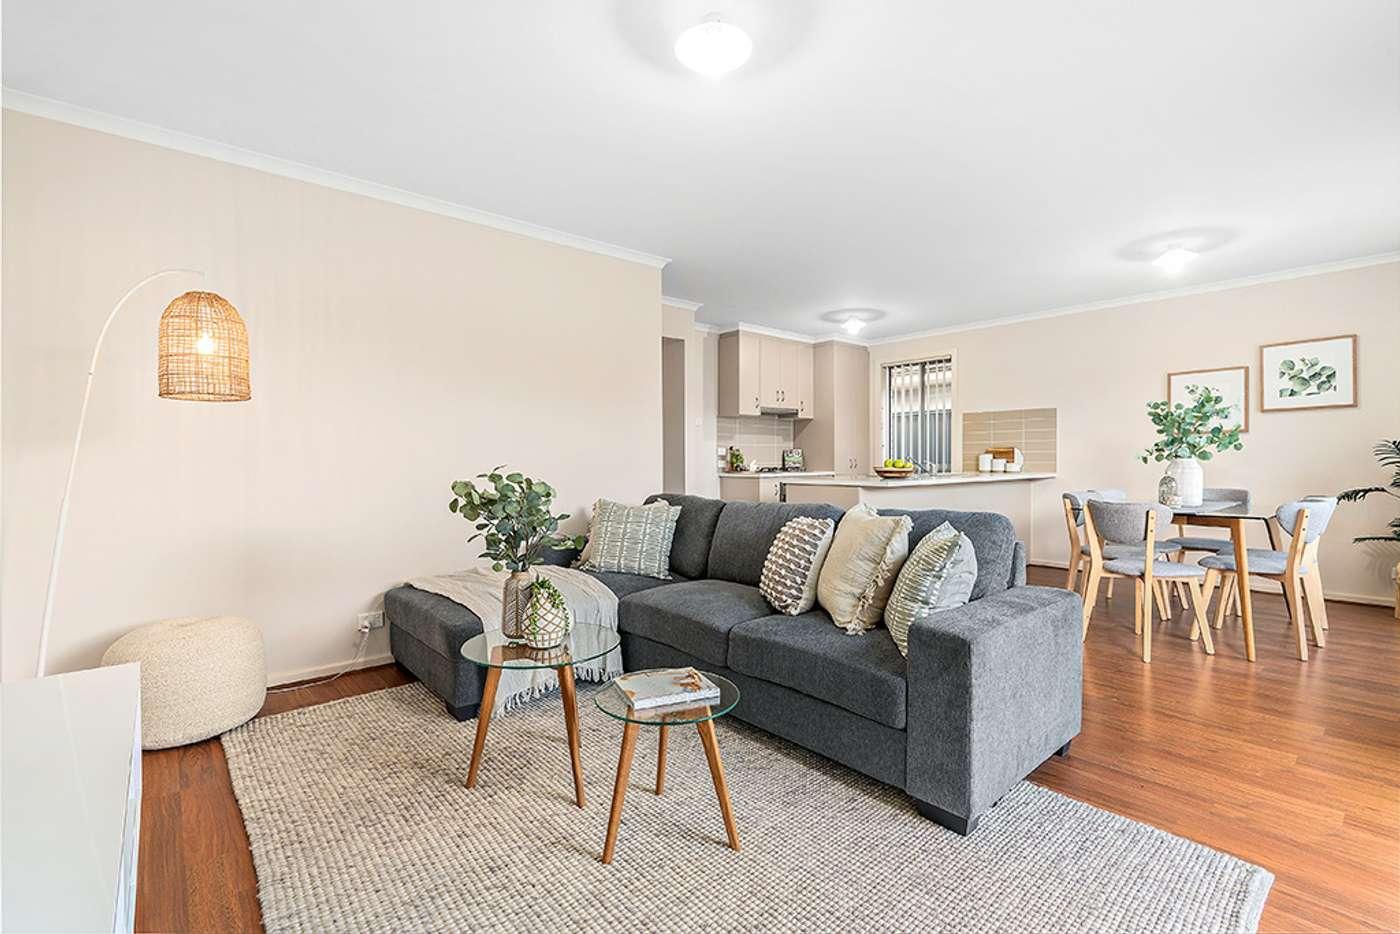 Main view of Homely house listing, 63 Peerless Road, Munno Para West SA 5115